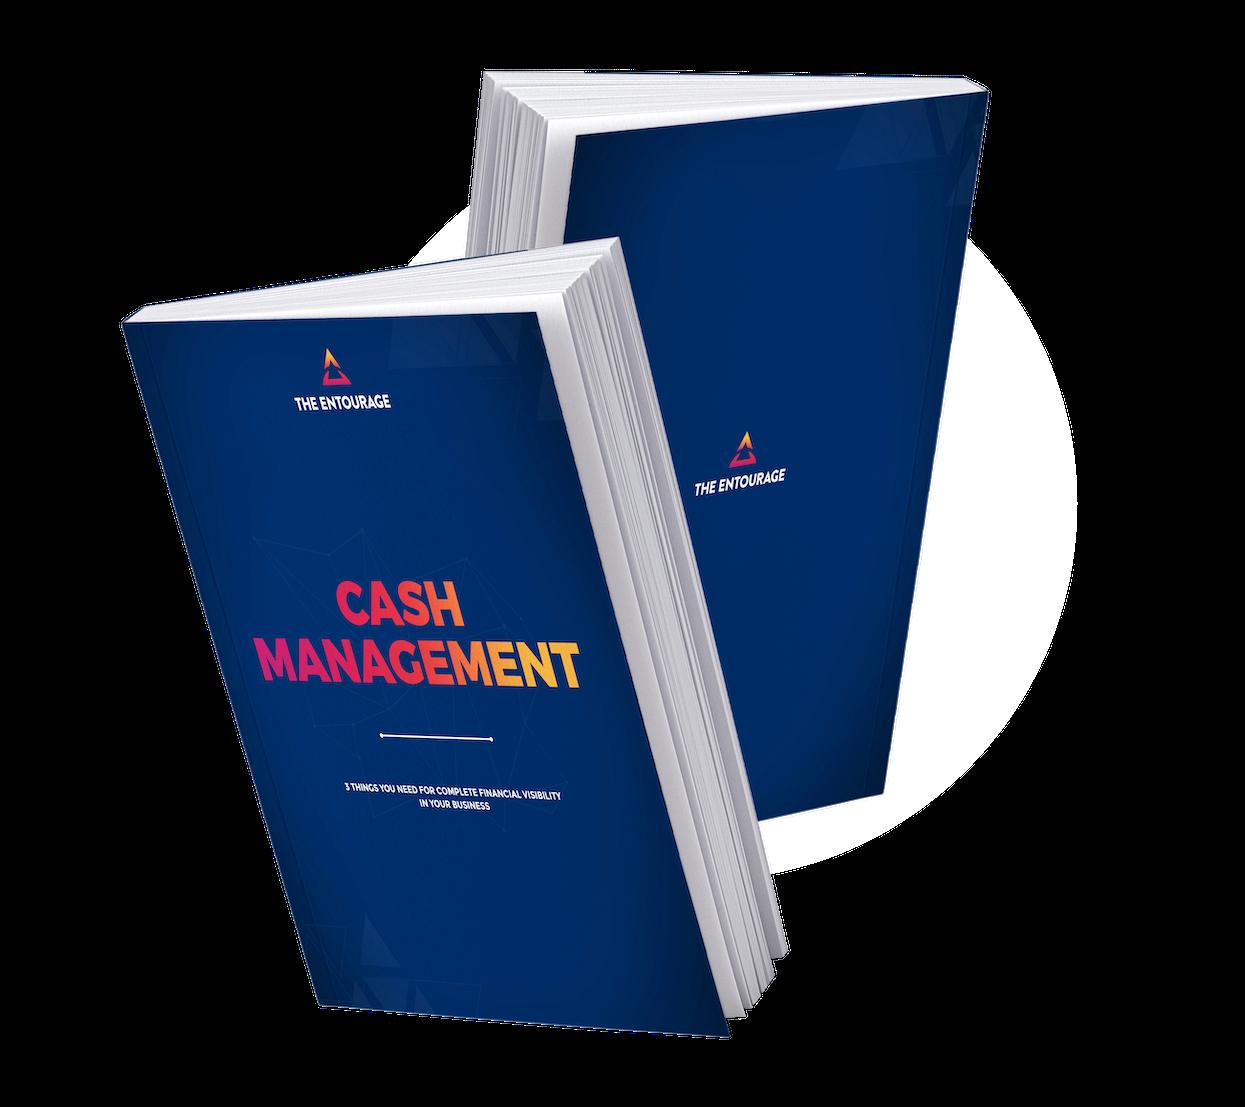 1_CashManagement 2